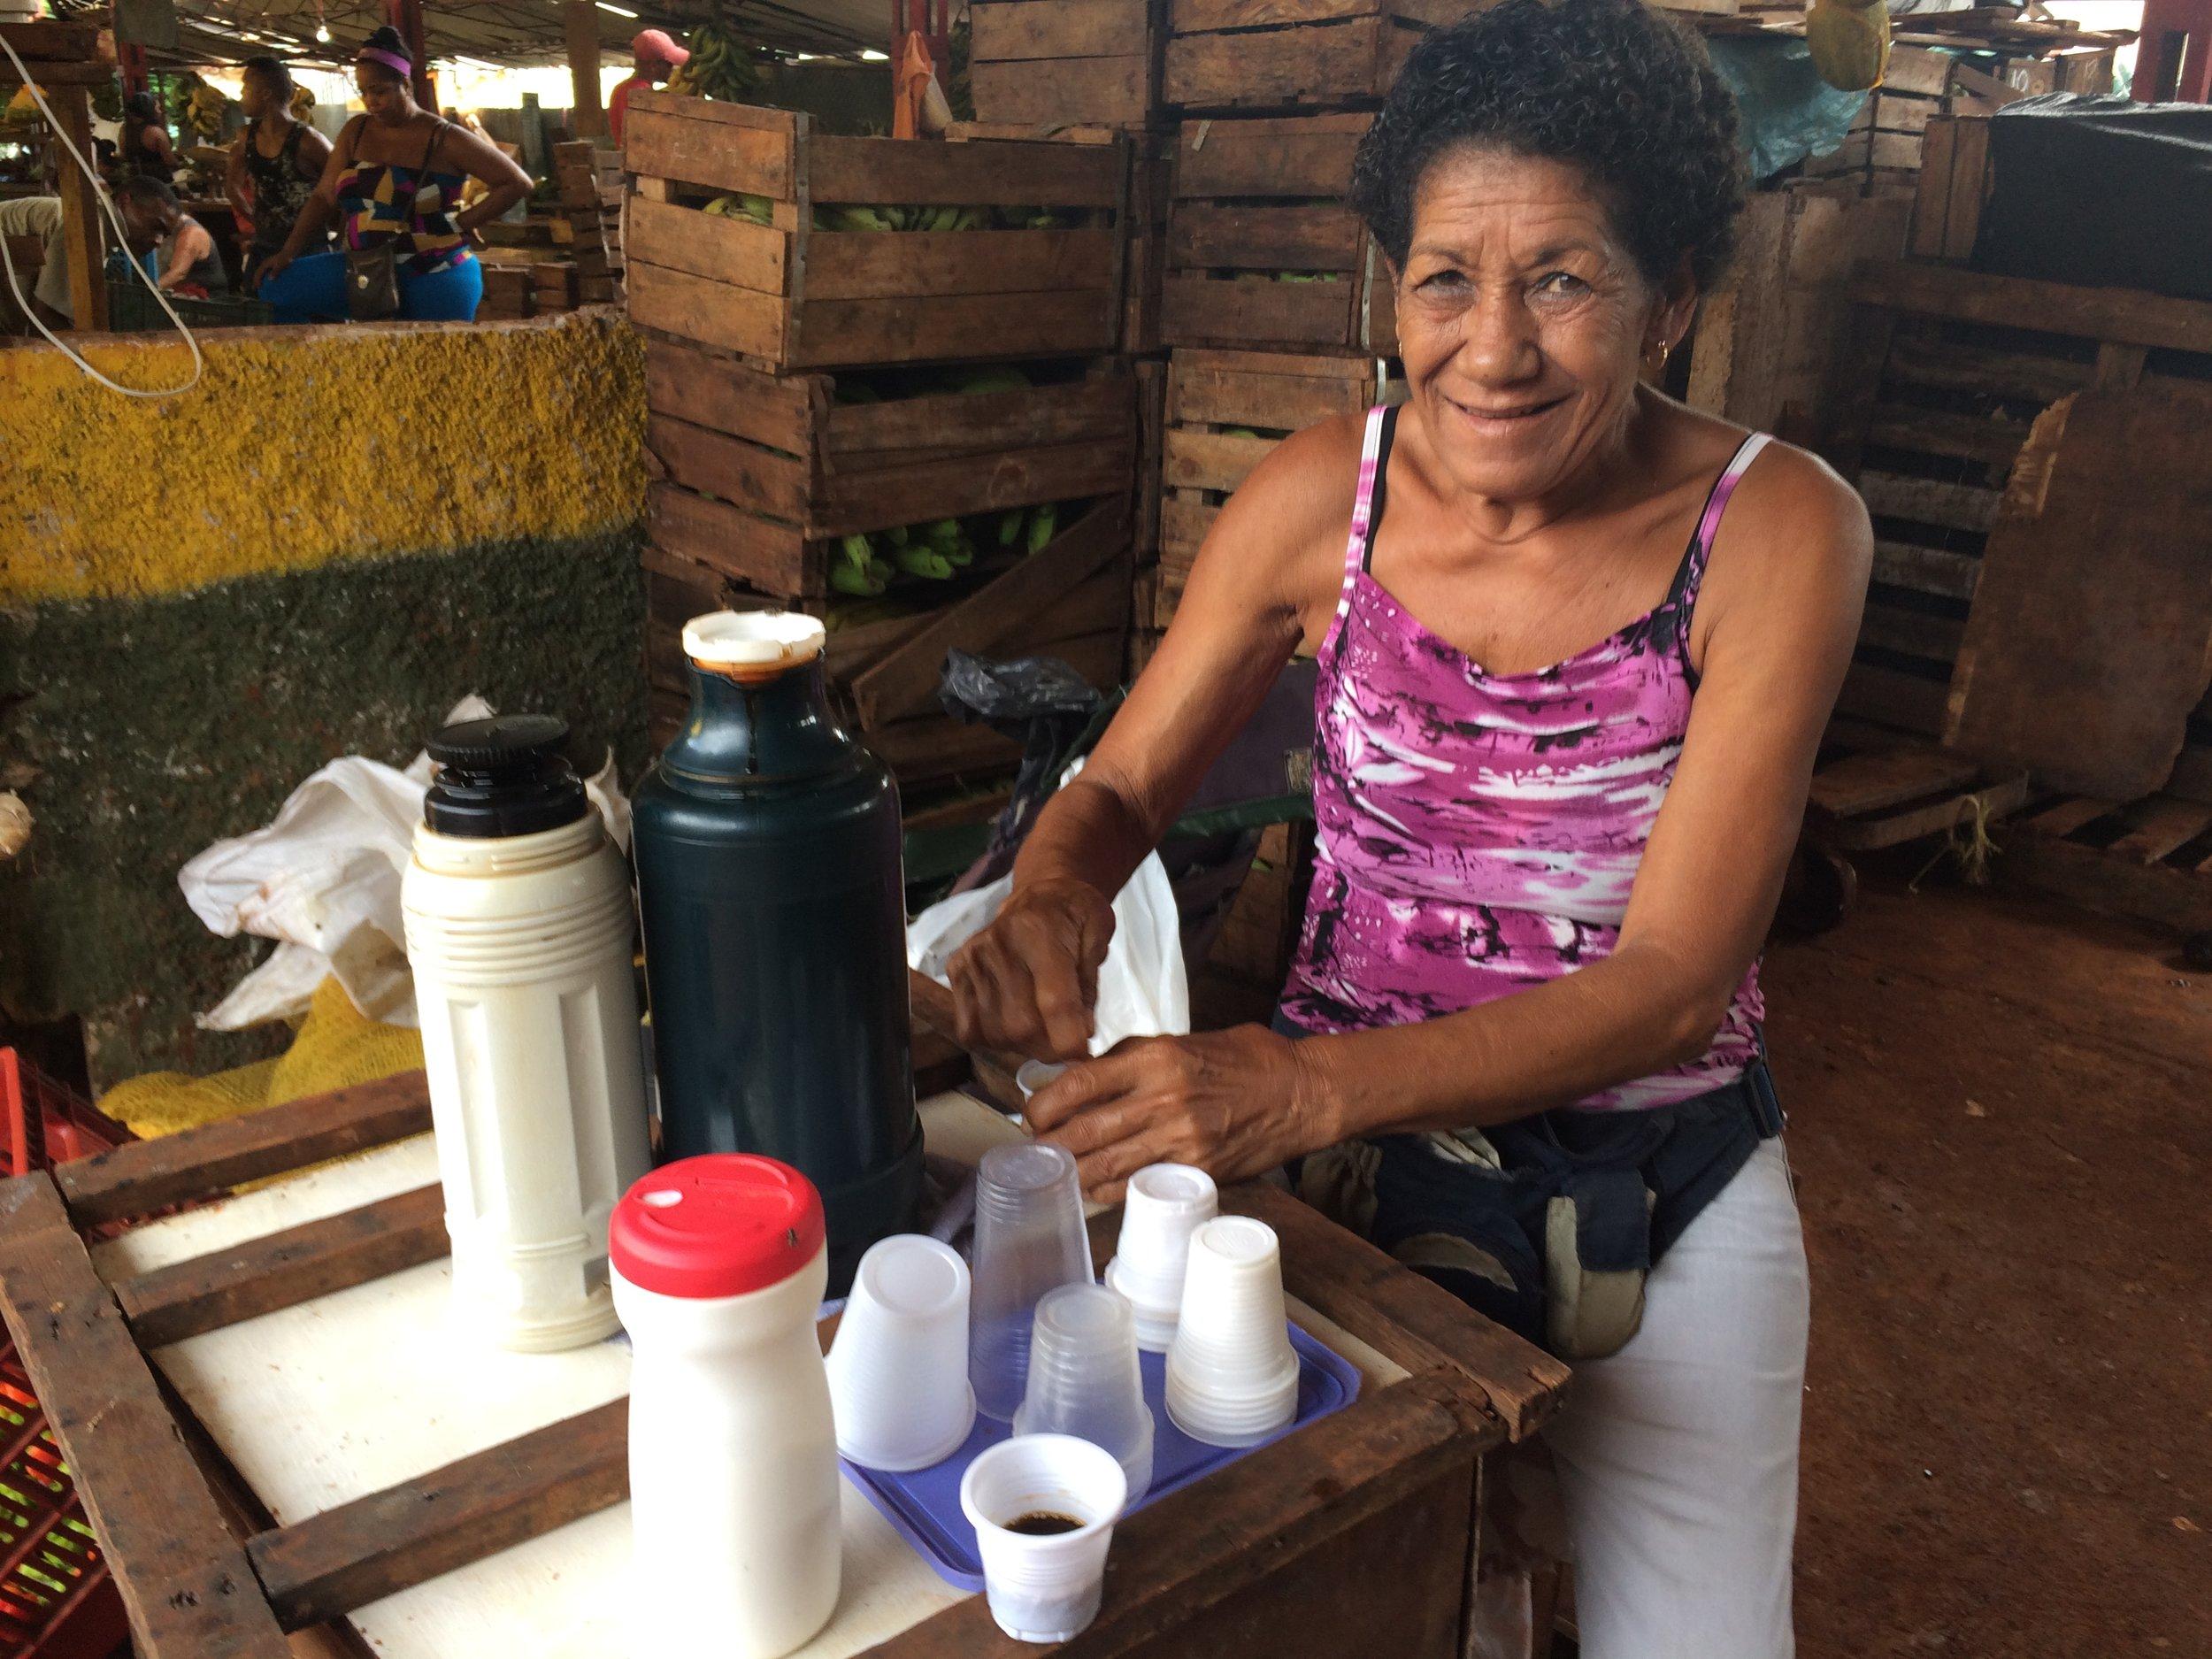 Cuban espresso for 1 Cuban peso (5 cents) in rare plastic cups!